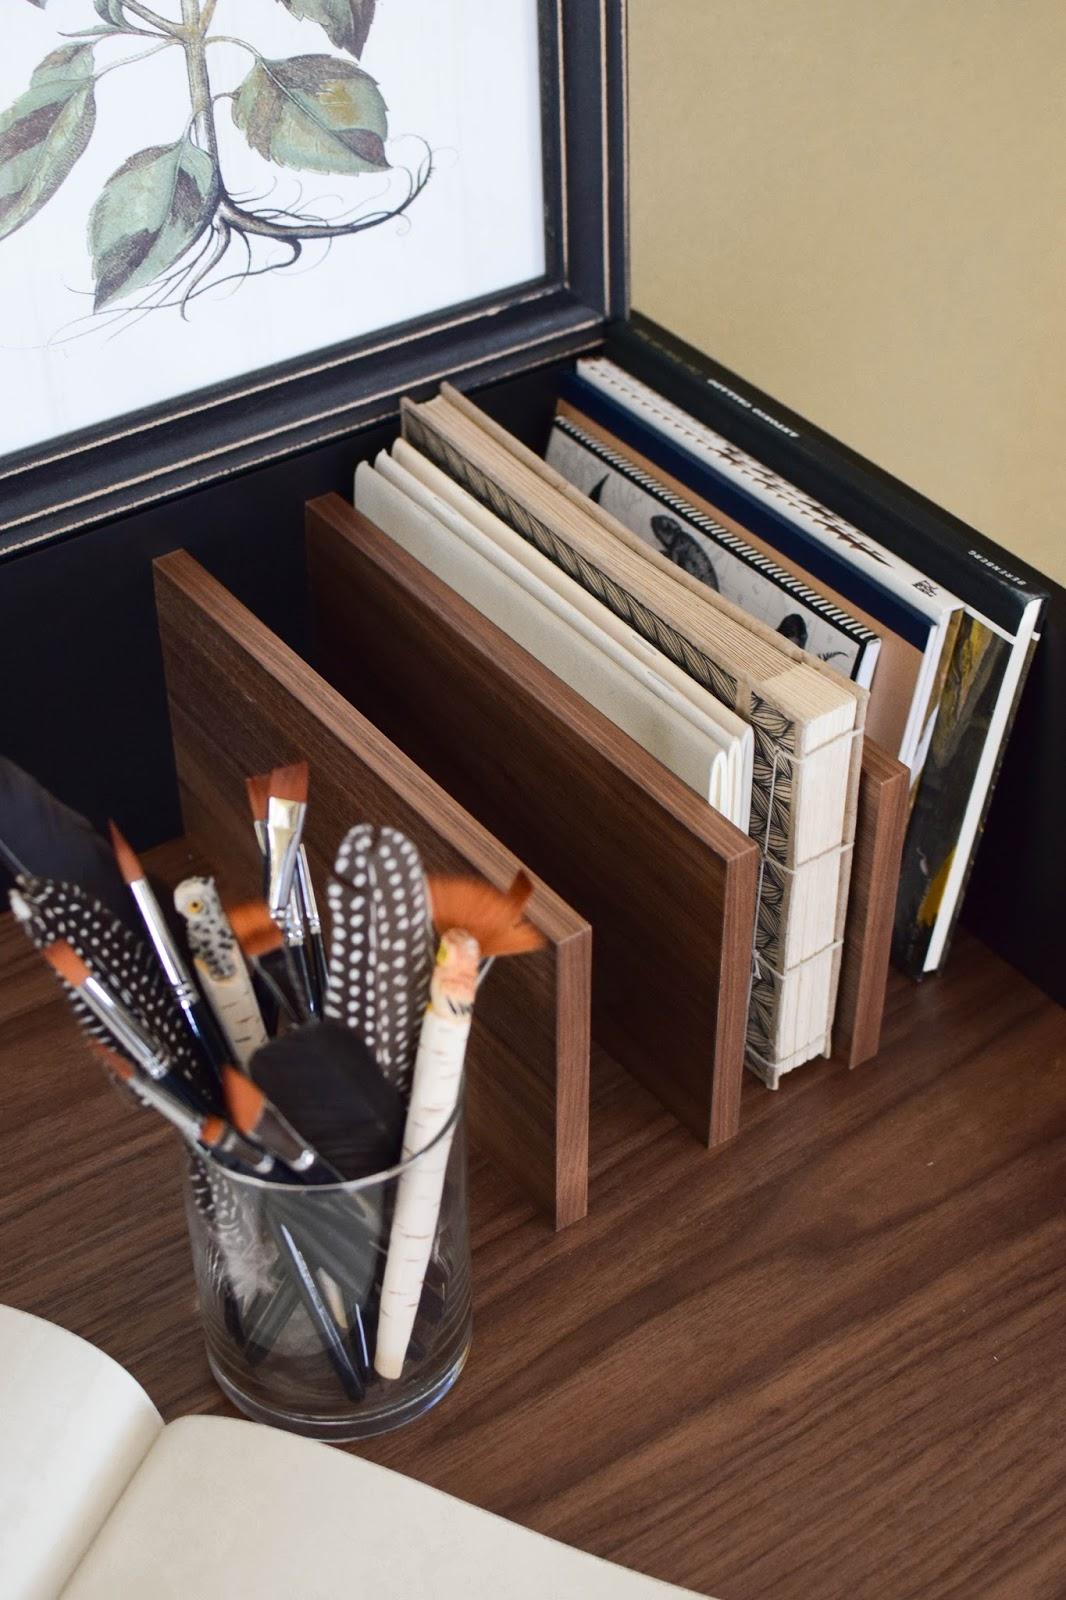 Wohnen, Interior und  Deko mit OTTO: Schreibtisch Stehlampe Teppich. Dekoidee für das Home-Office